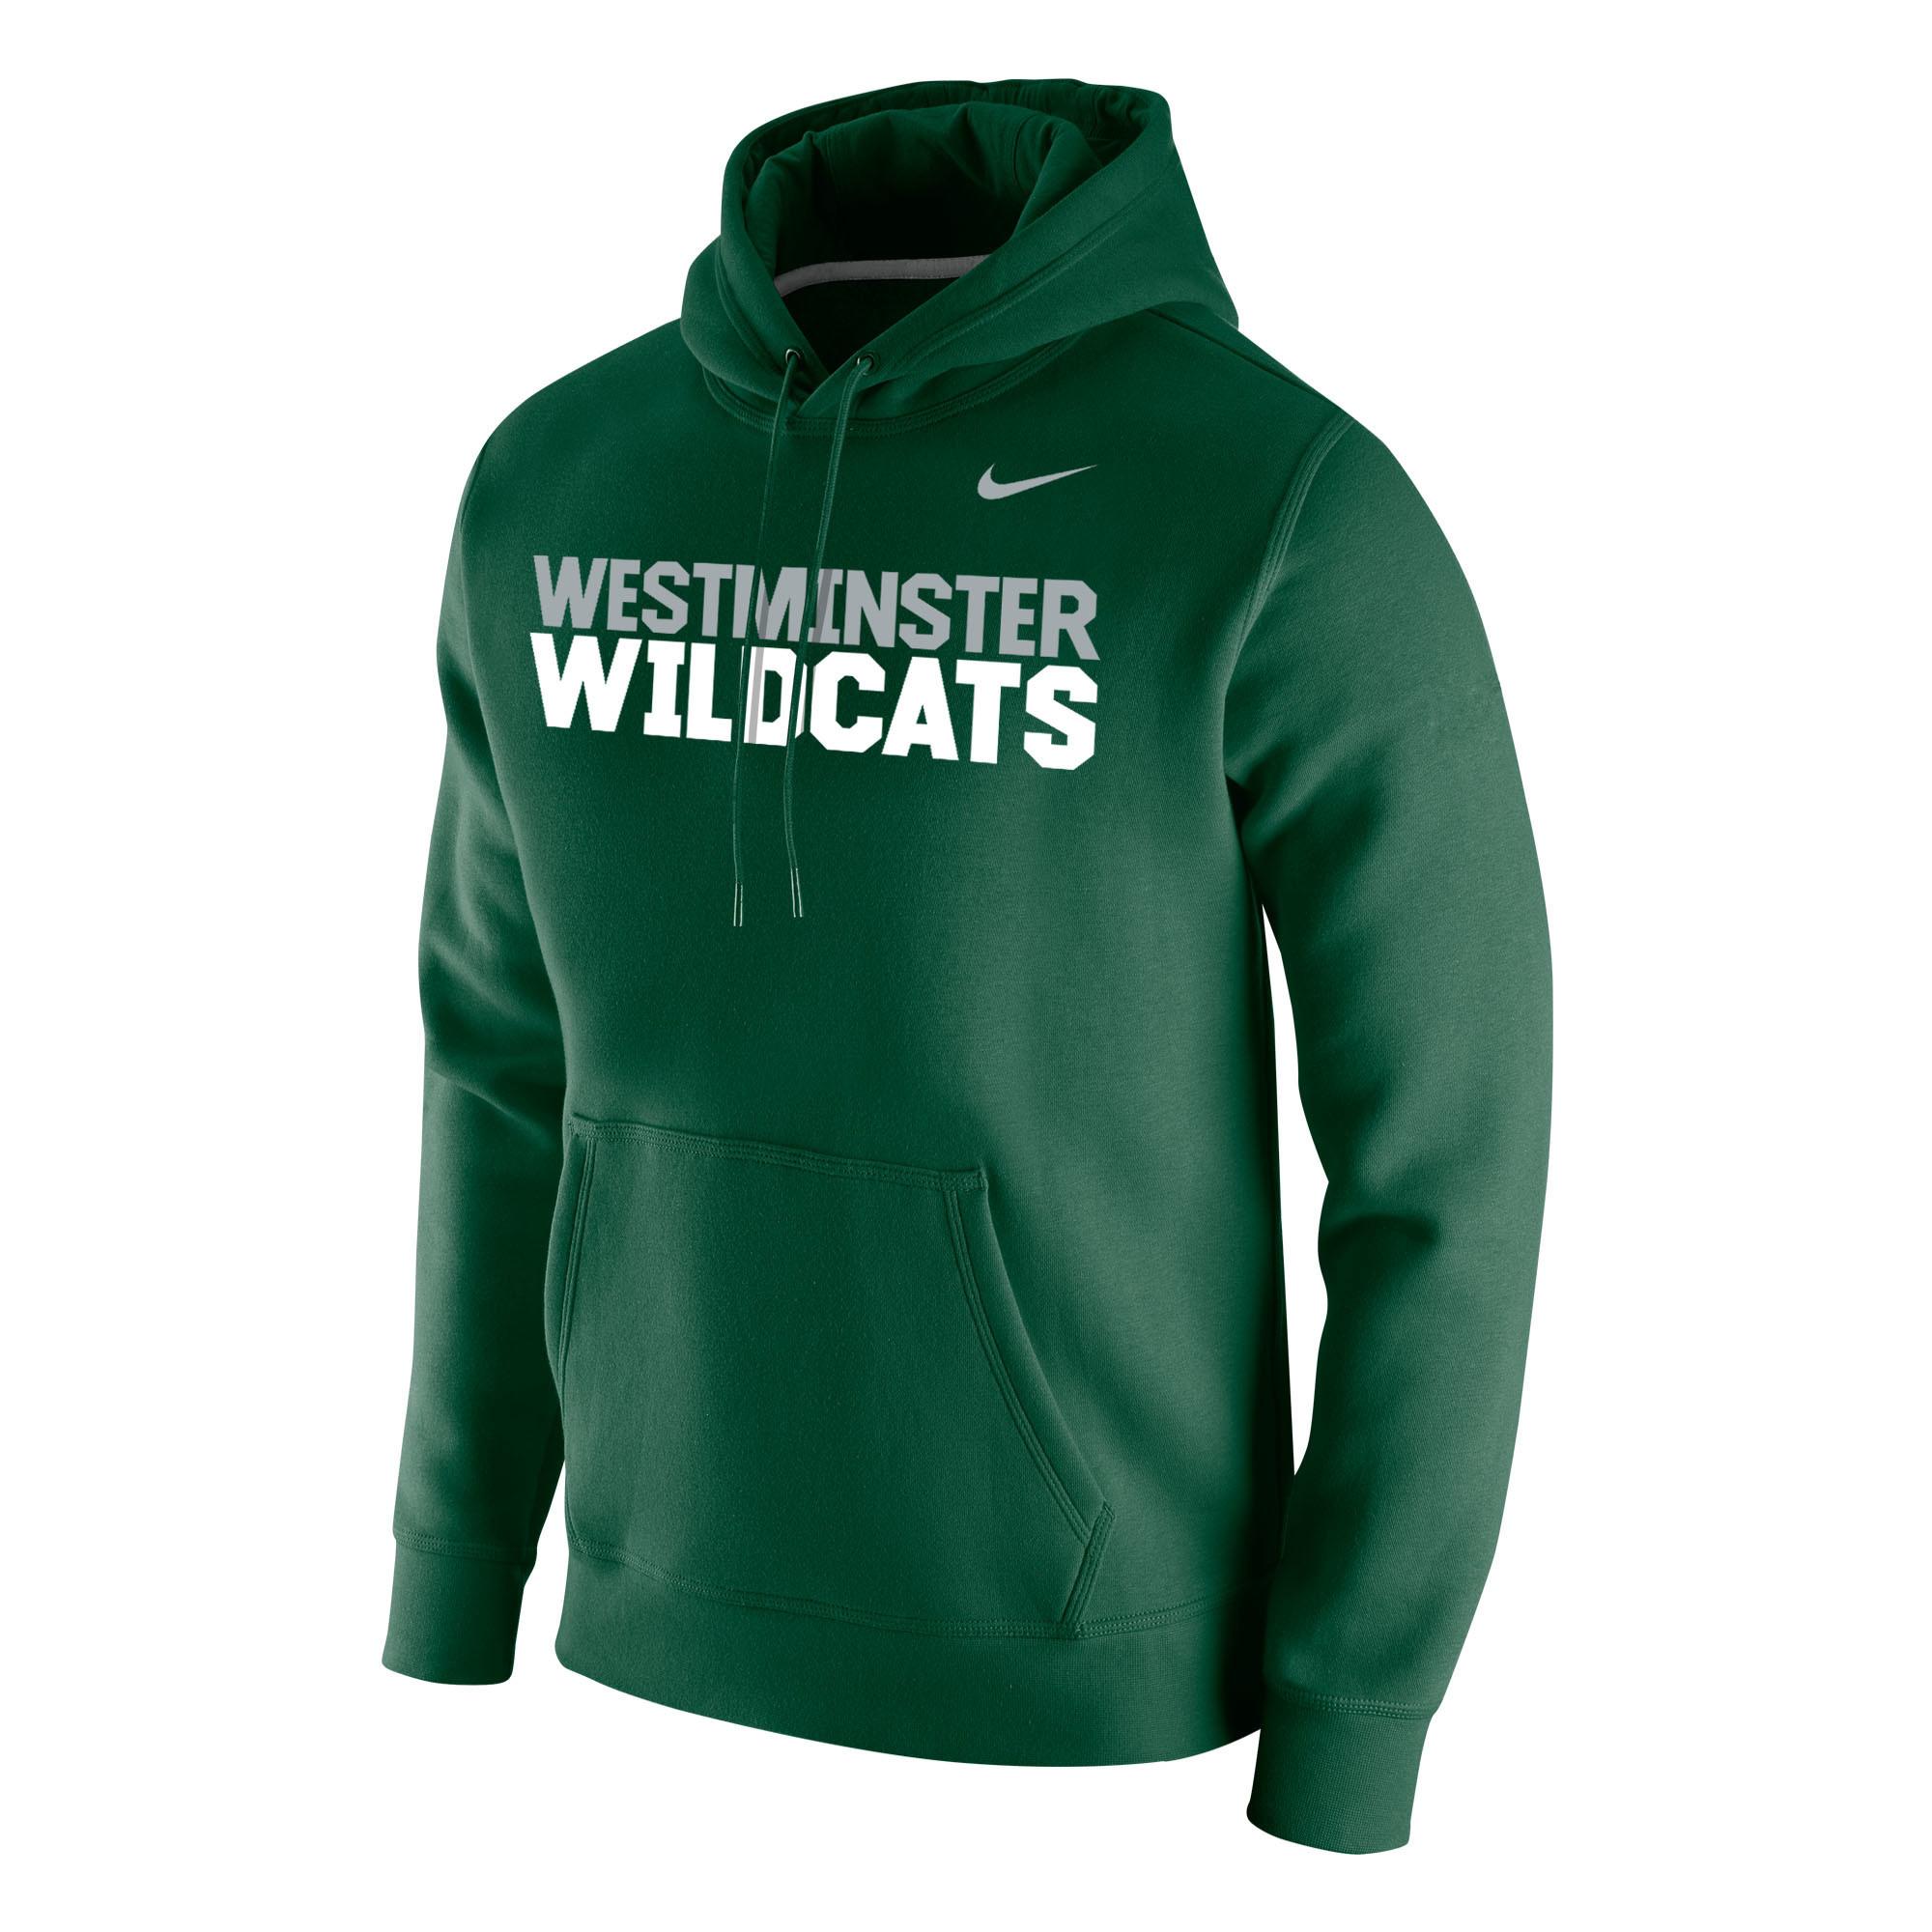 Nike Stadium Club Fleece Hoody w/WM Wildcats